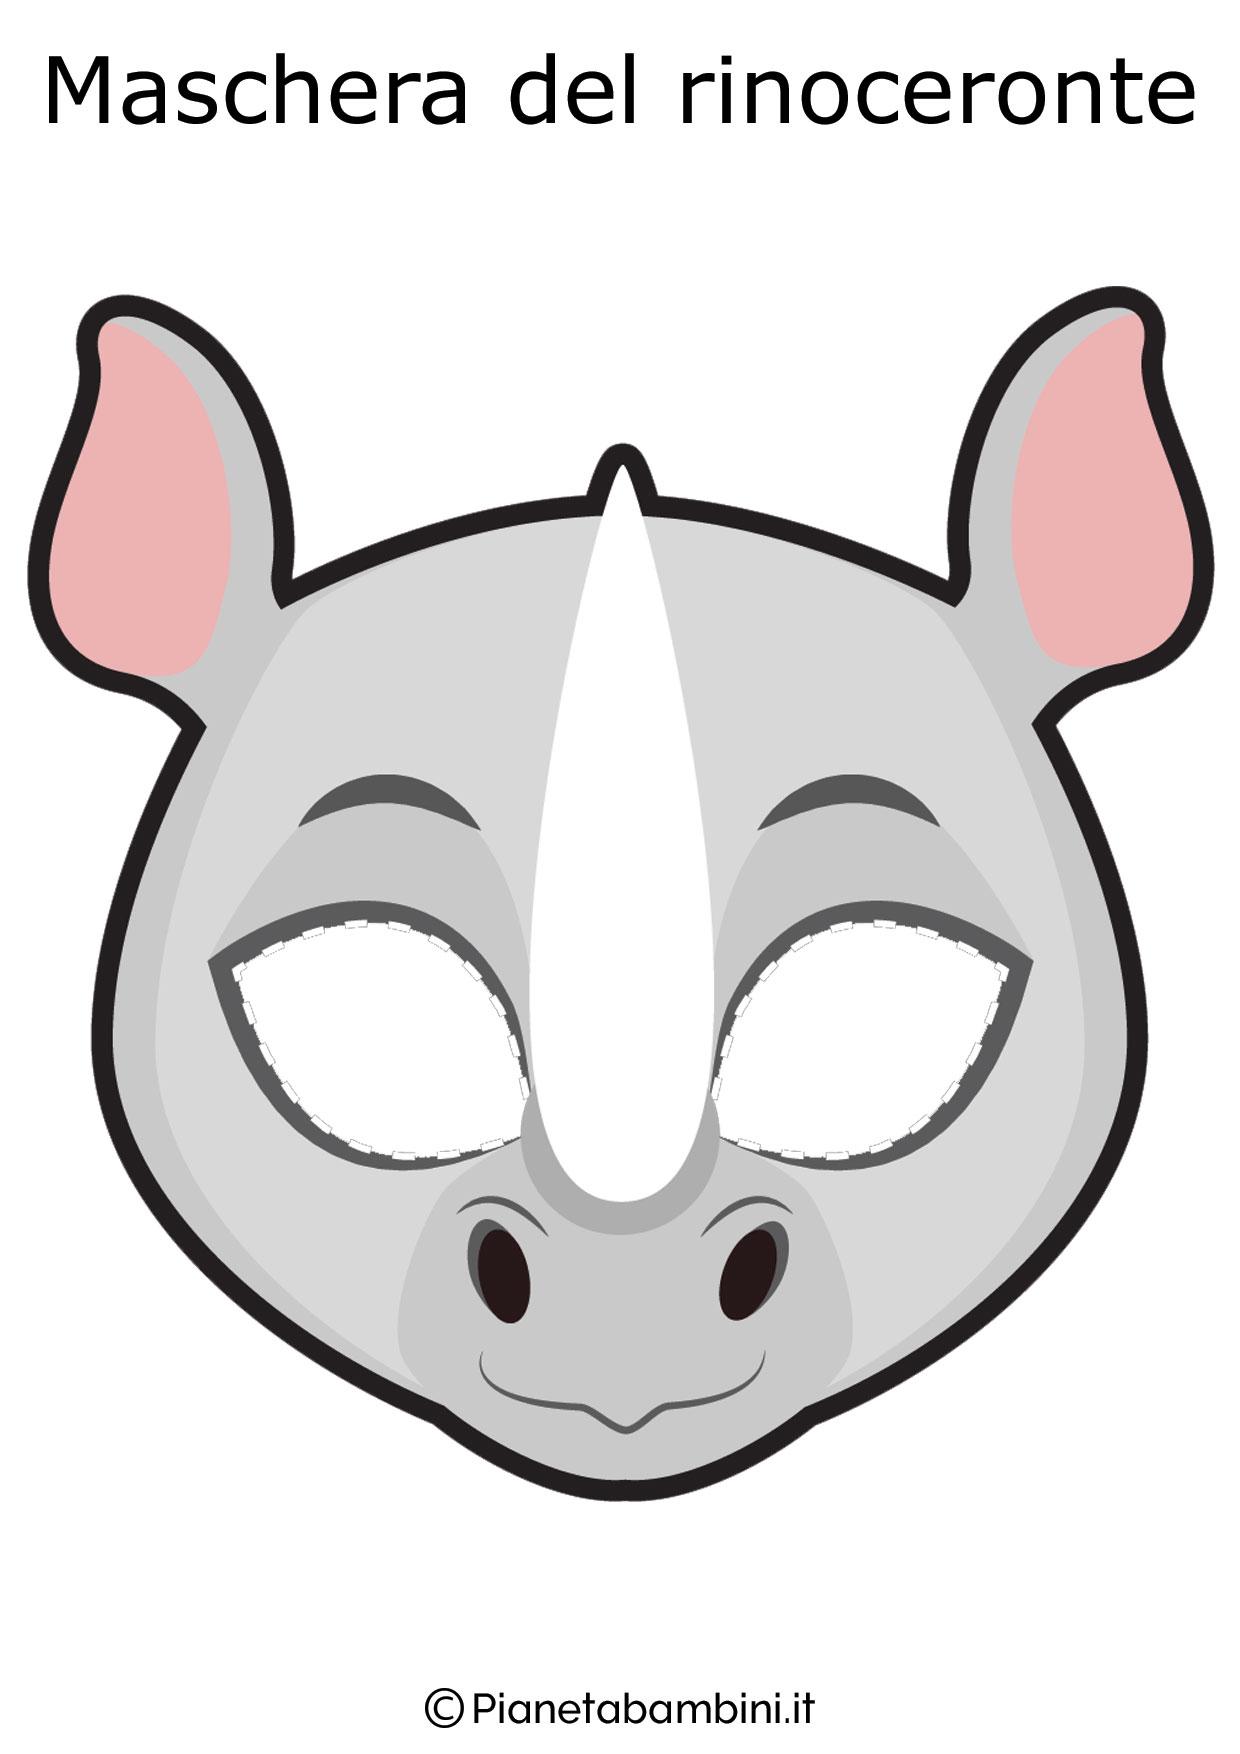 Maschera del rinoceronte da ritagliare